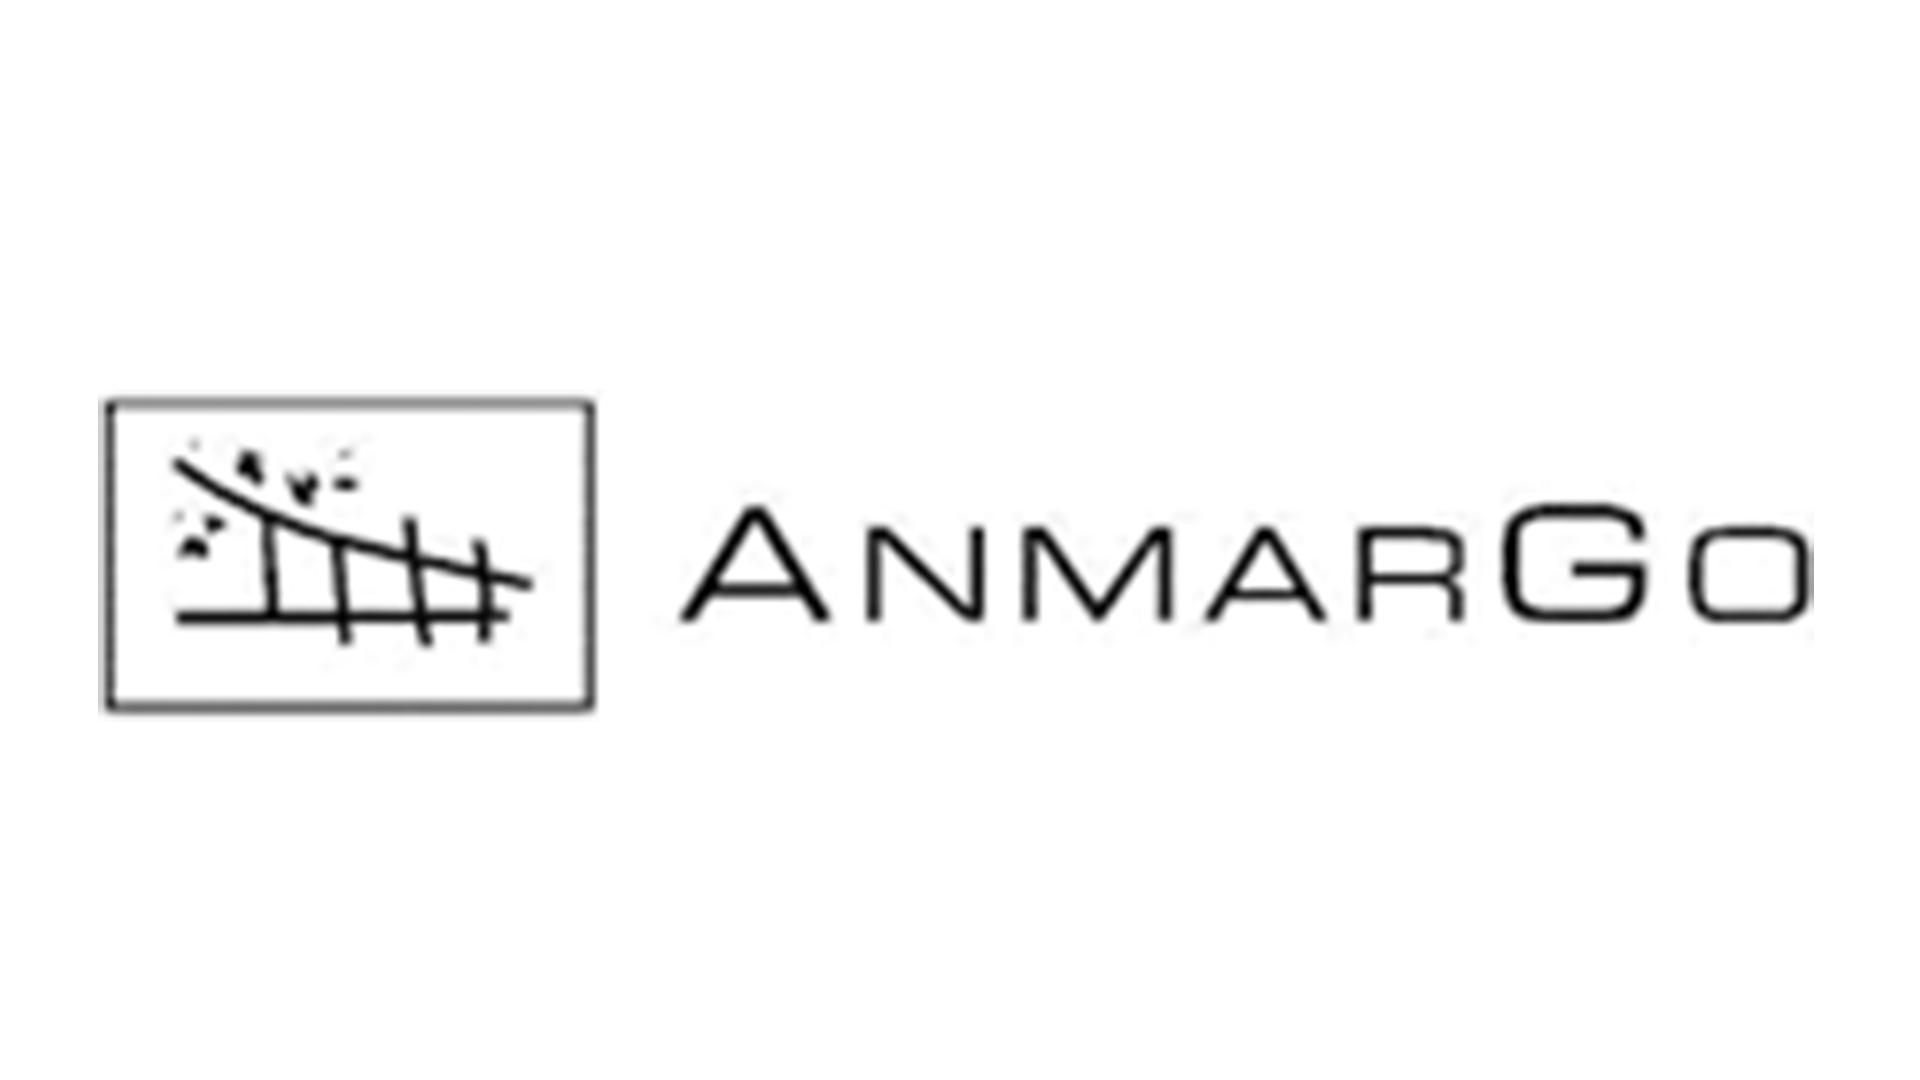 Anmargo